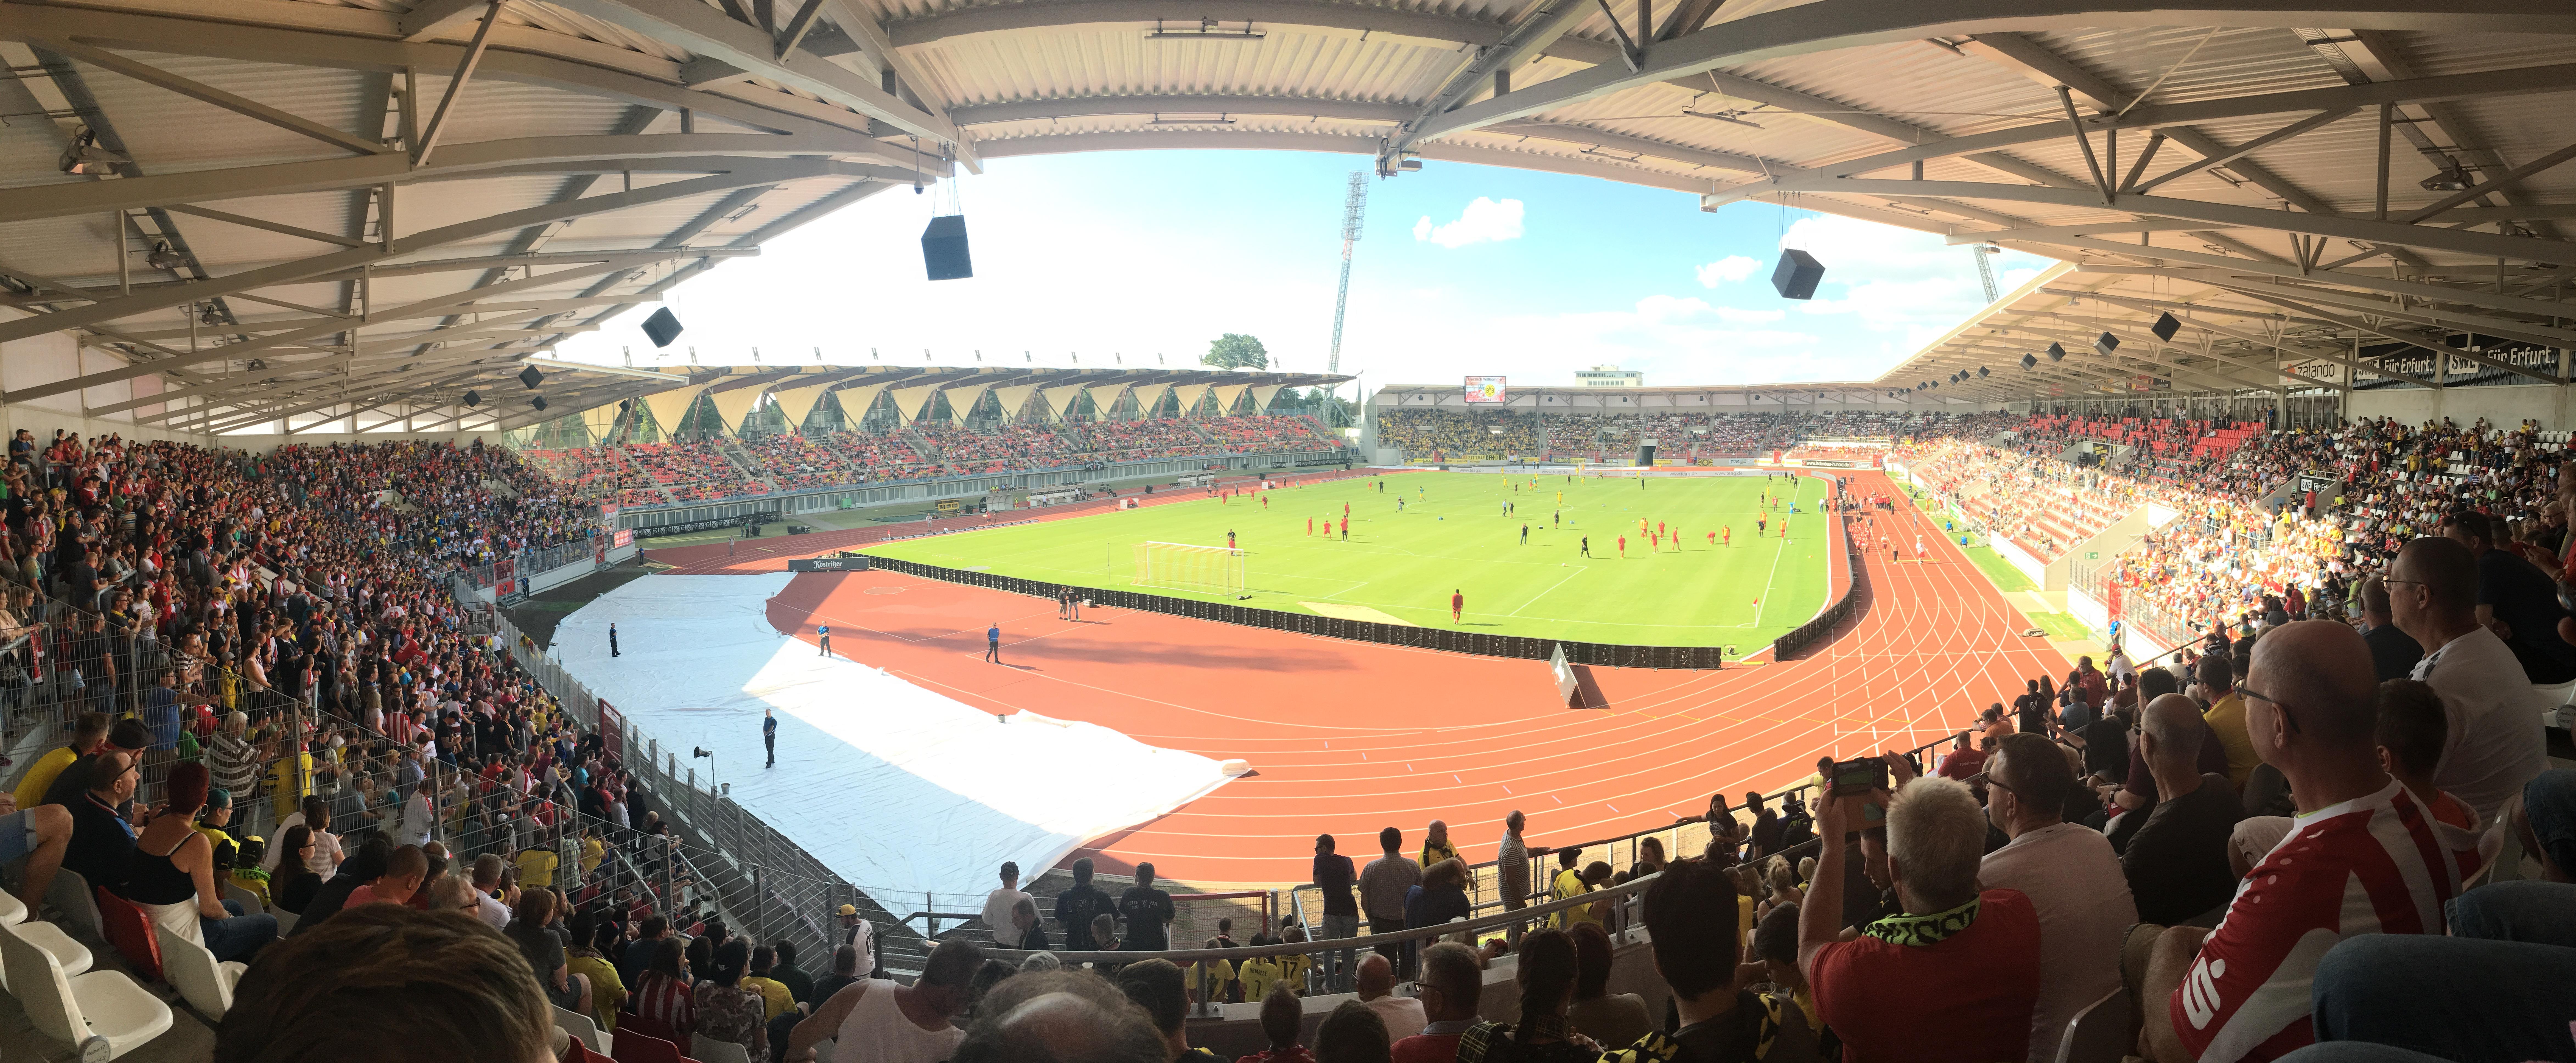 Mitarbeiter von THOR Industriemontagen verfolgen gespannt das Freundschaftsspiel des FC Rot-Weiß Erfurt gegen den BVB.